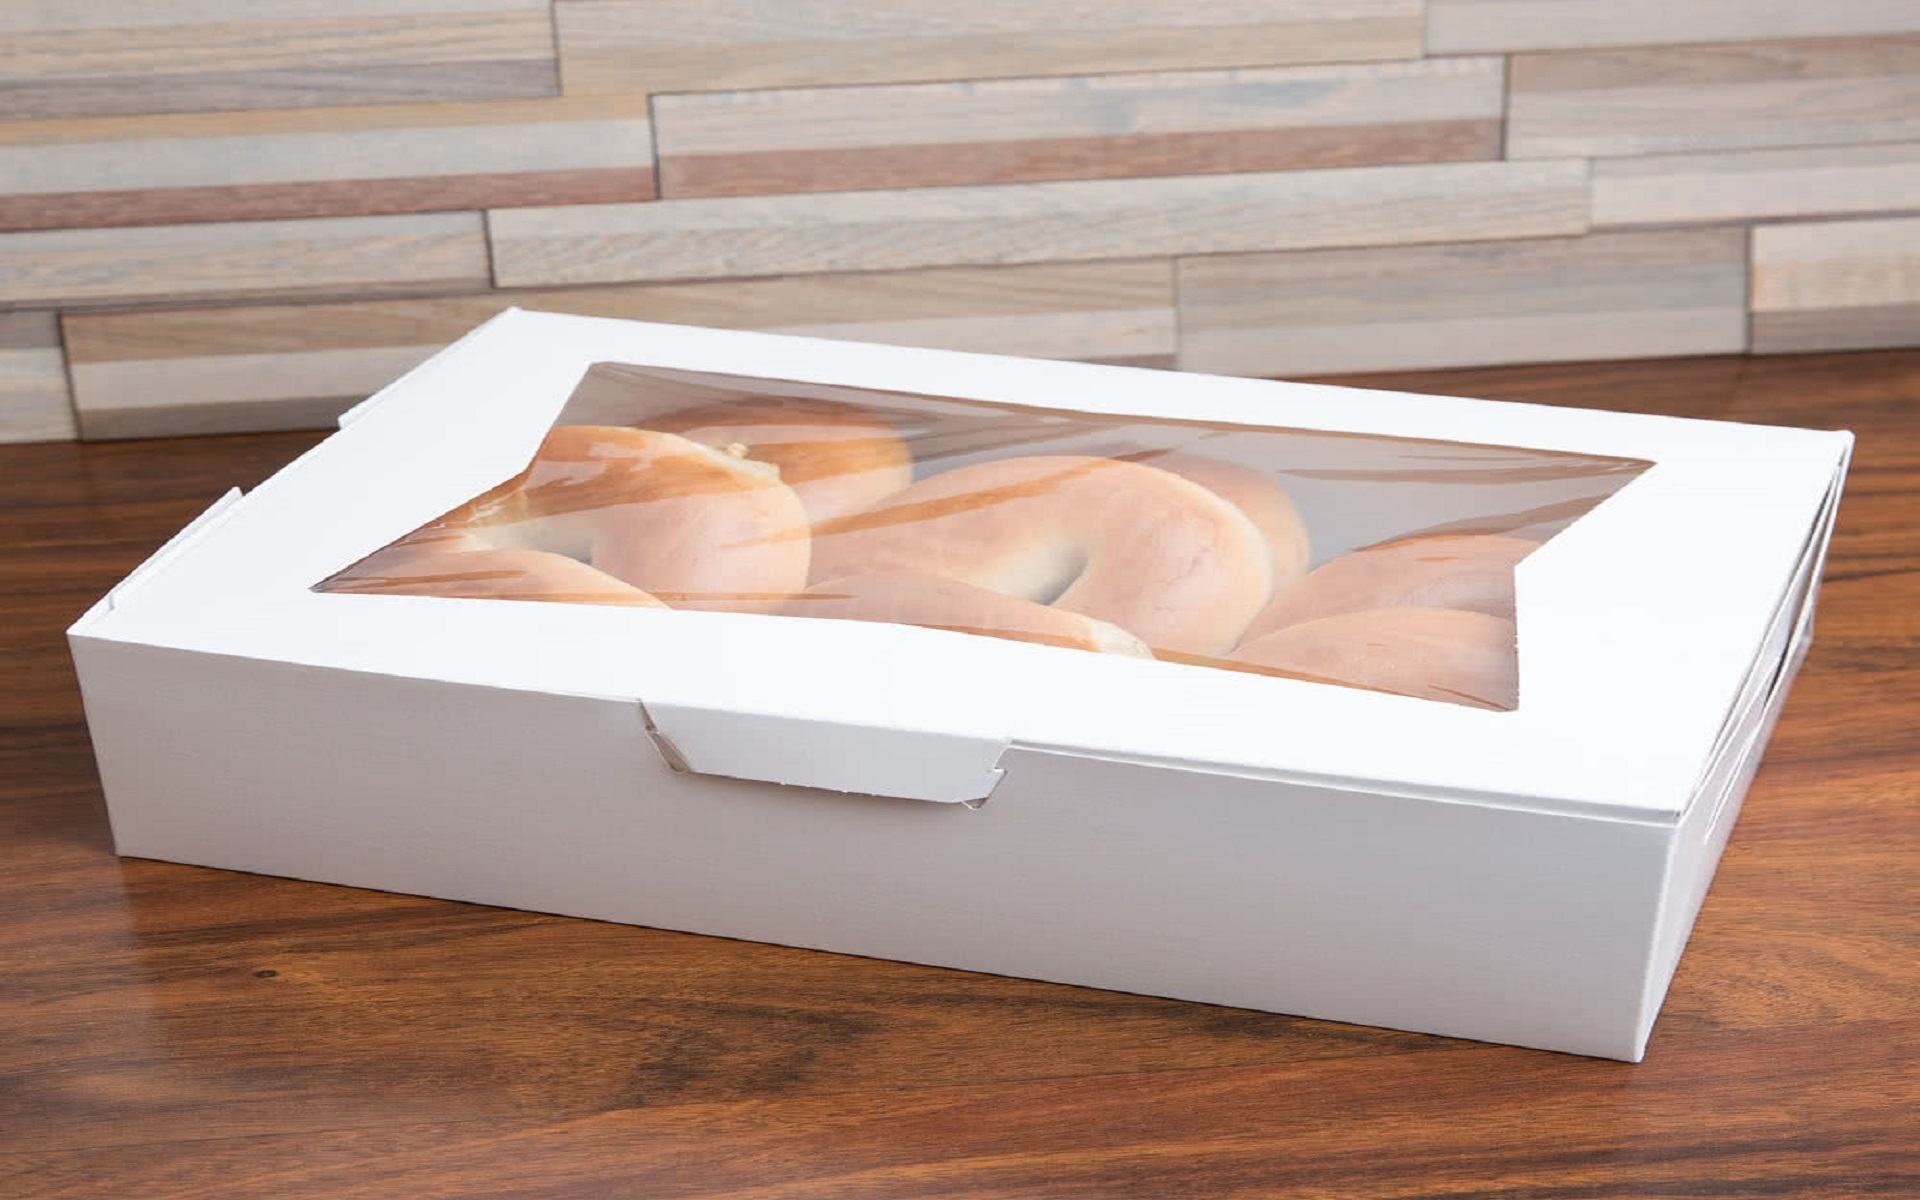 white donut box